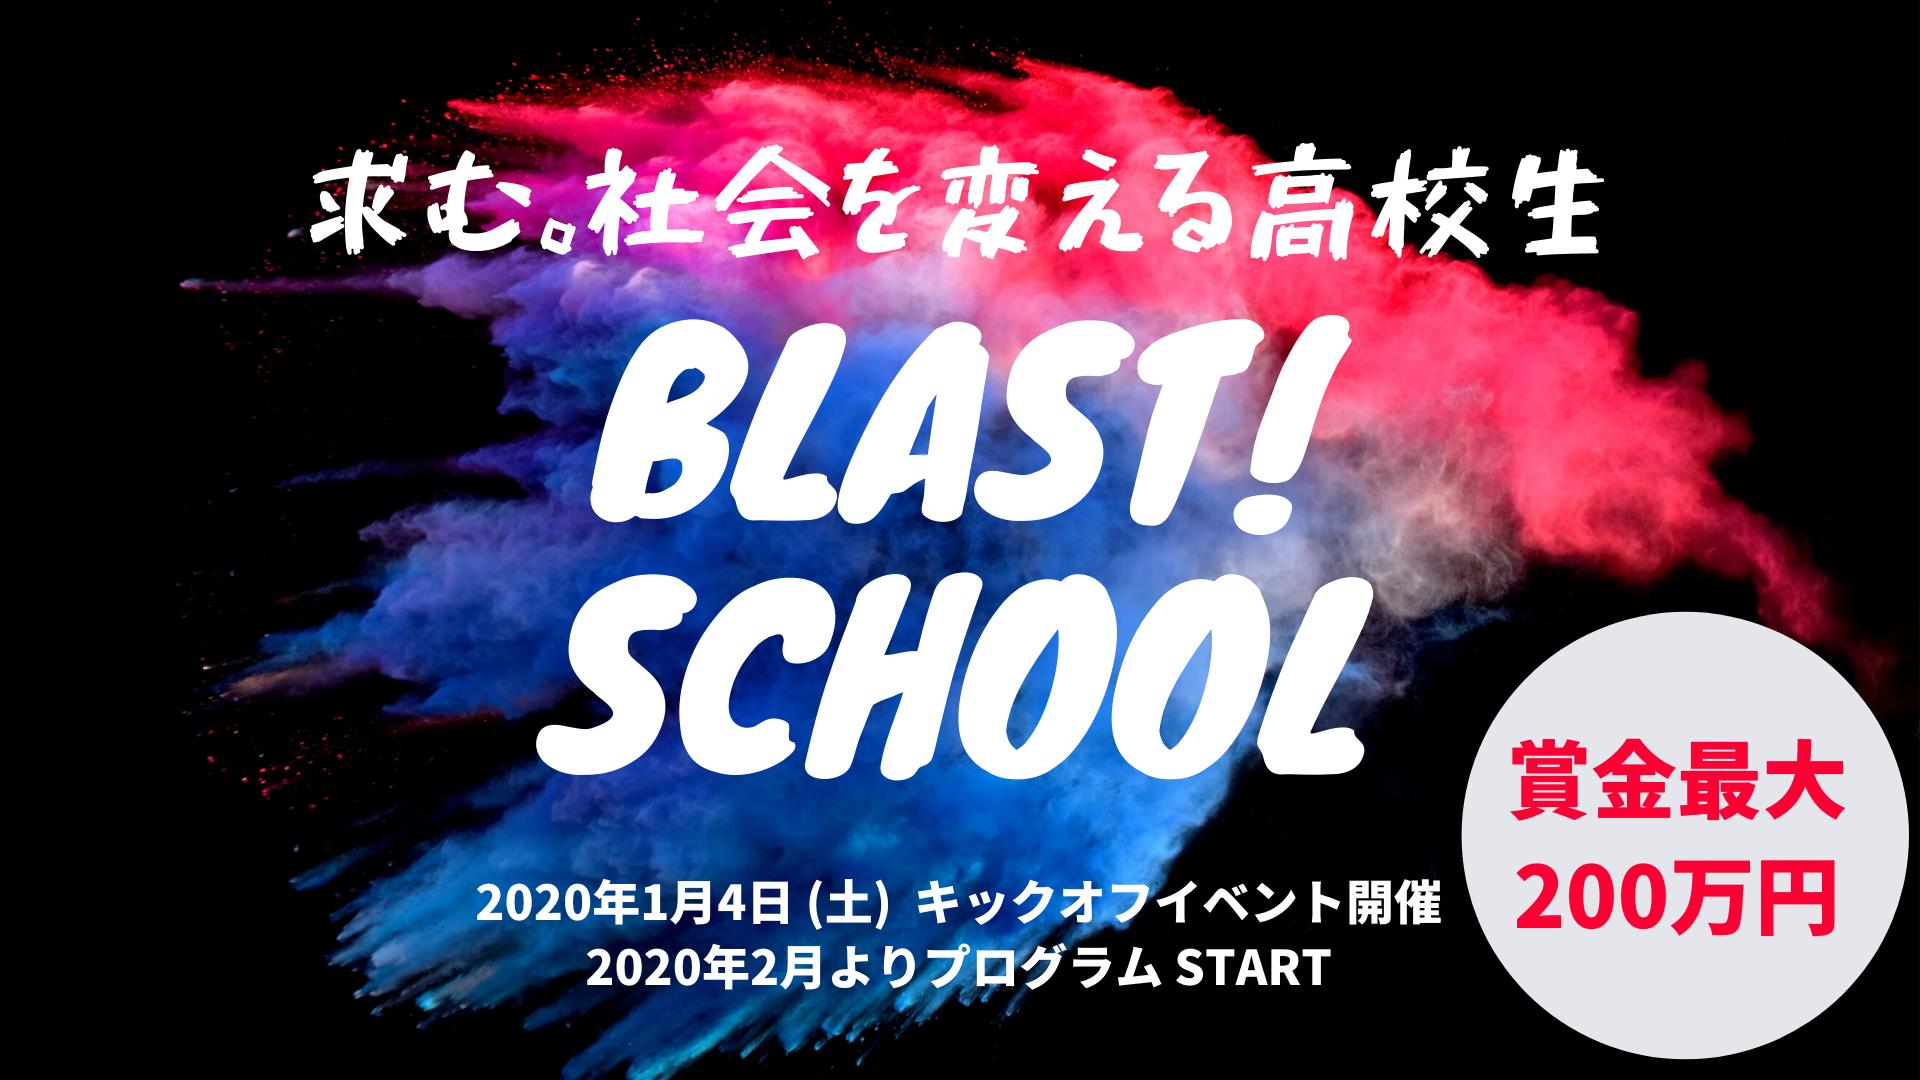 求む、社会を変える高校生。 2020年1月4日(土)開催! BLAST! SCHOOL キックオフイベント